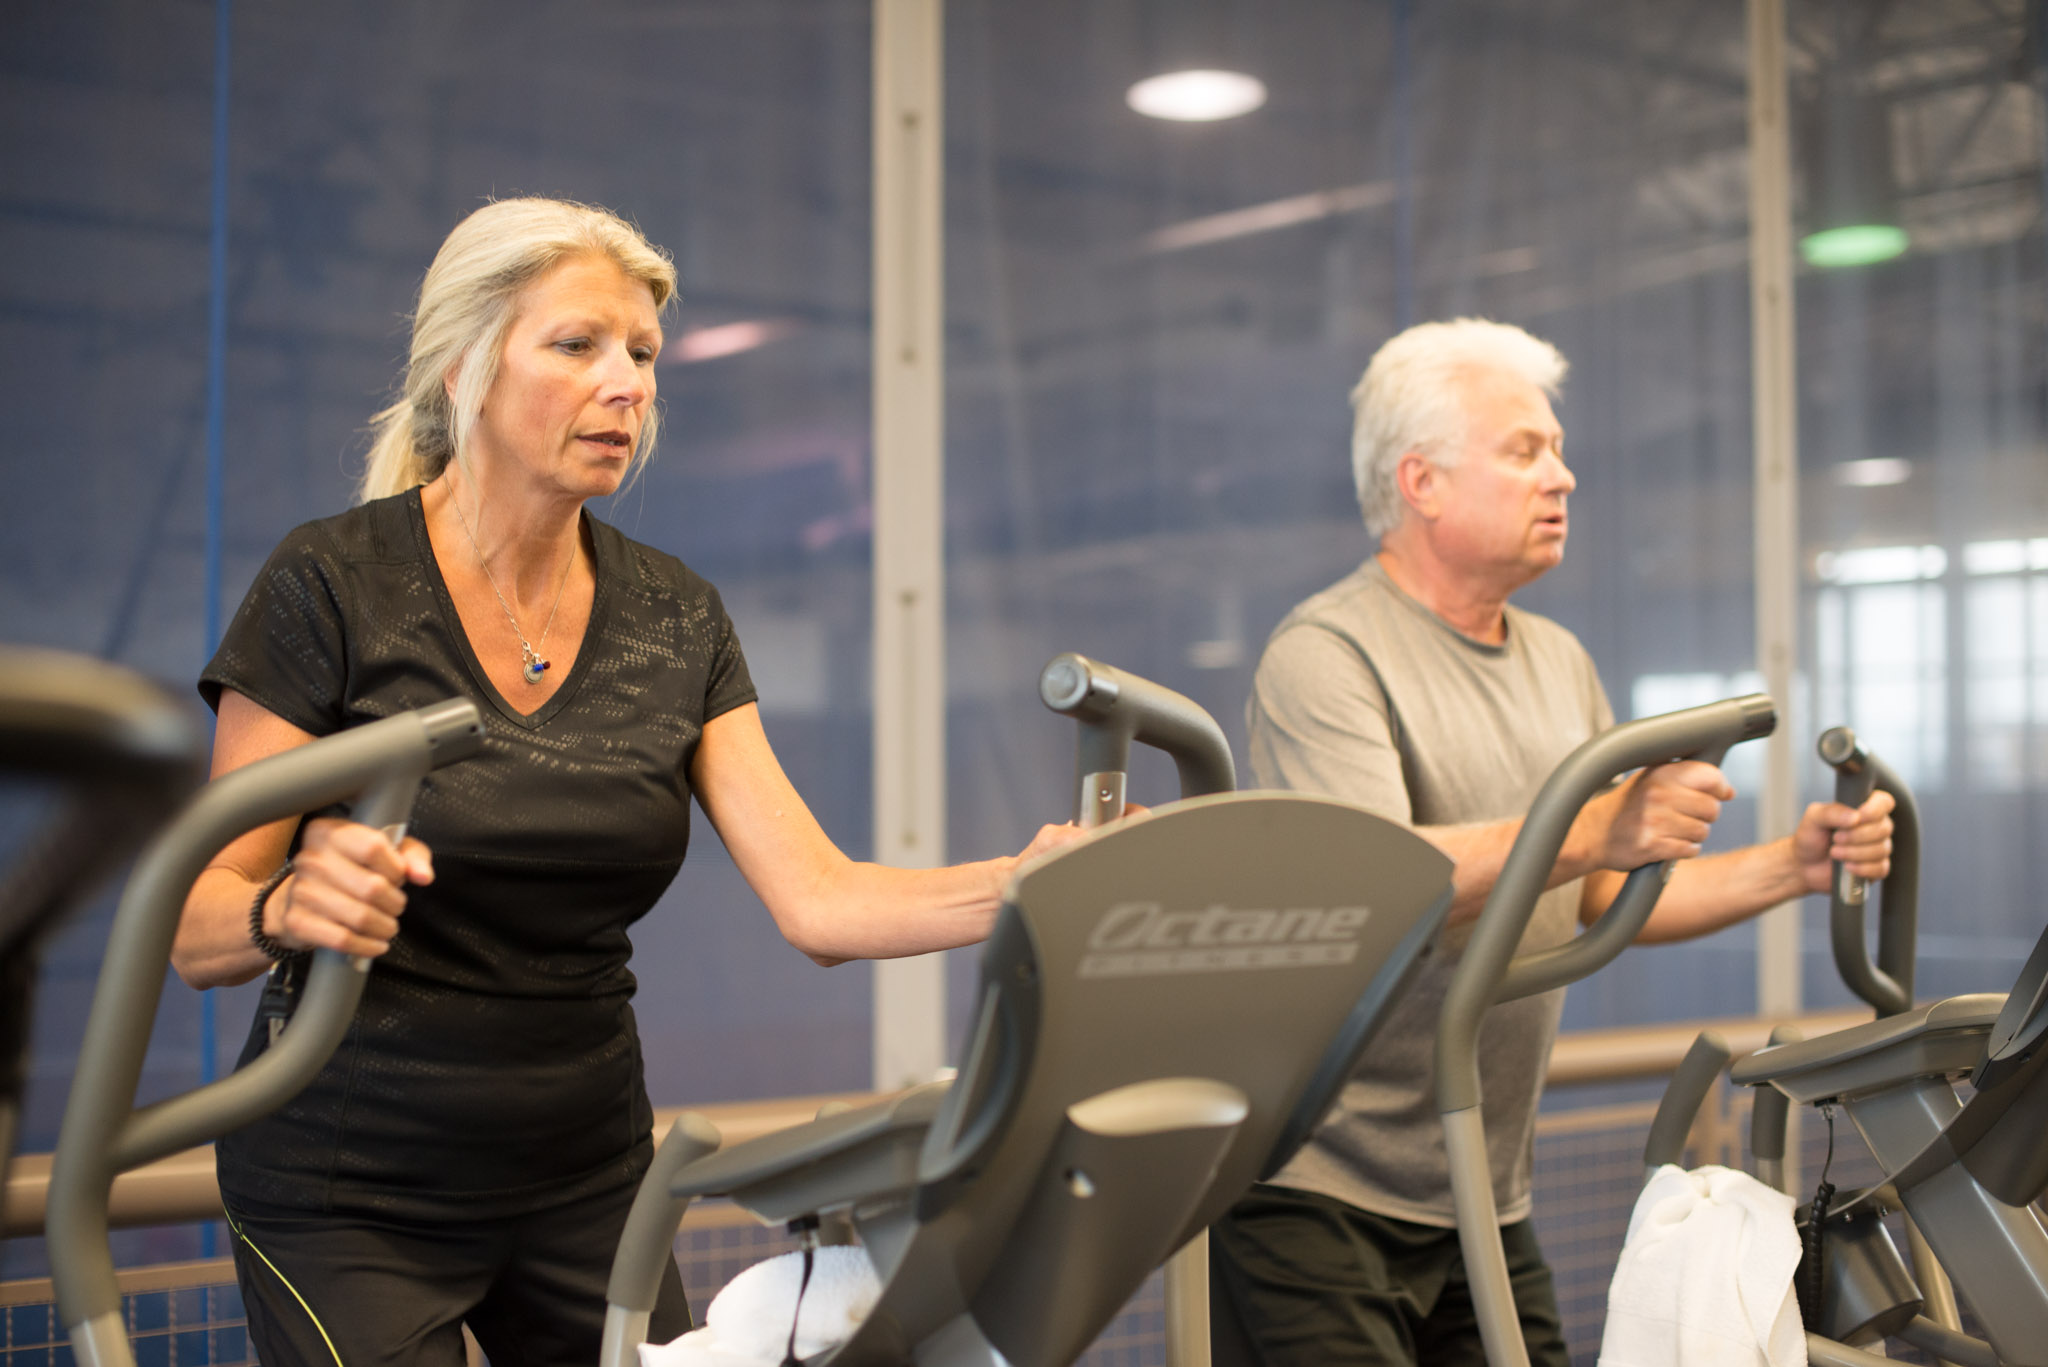 Wellness Center Stock Photos-1305.jpg